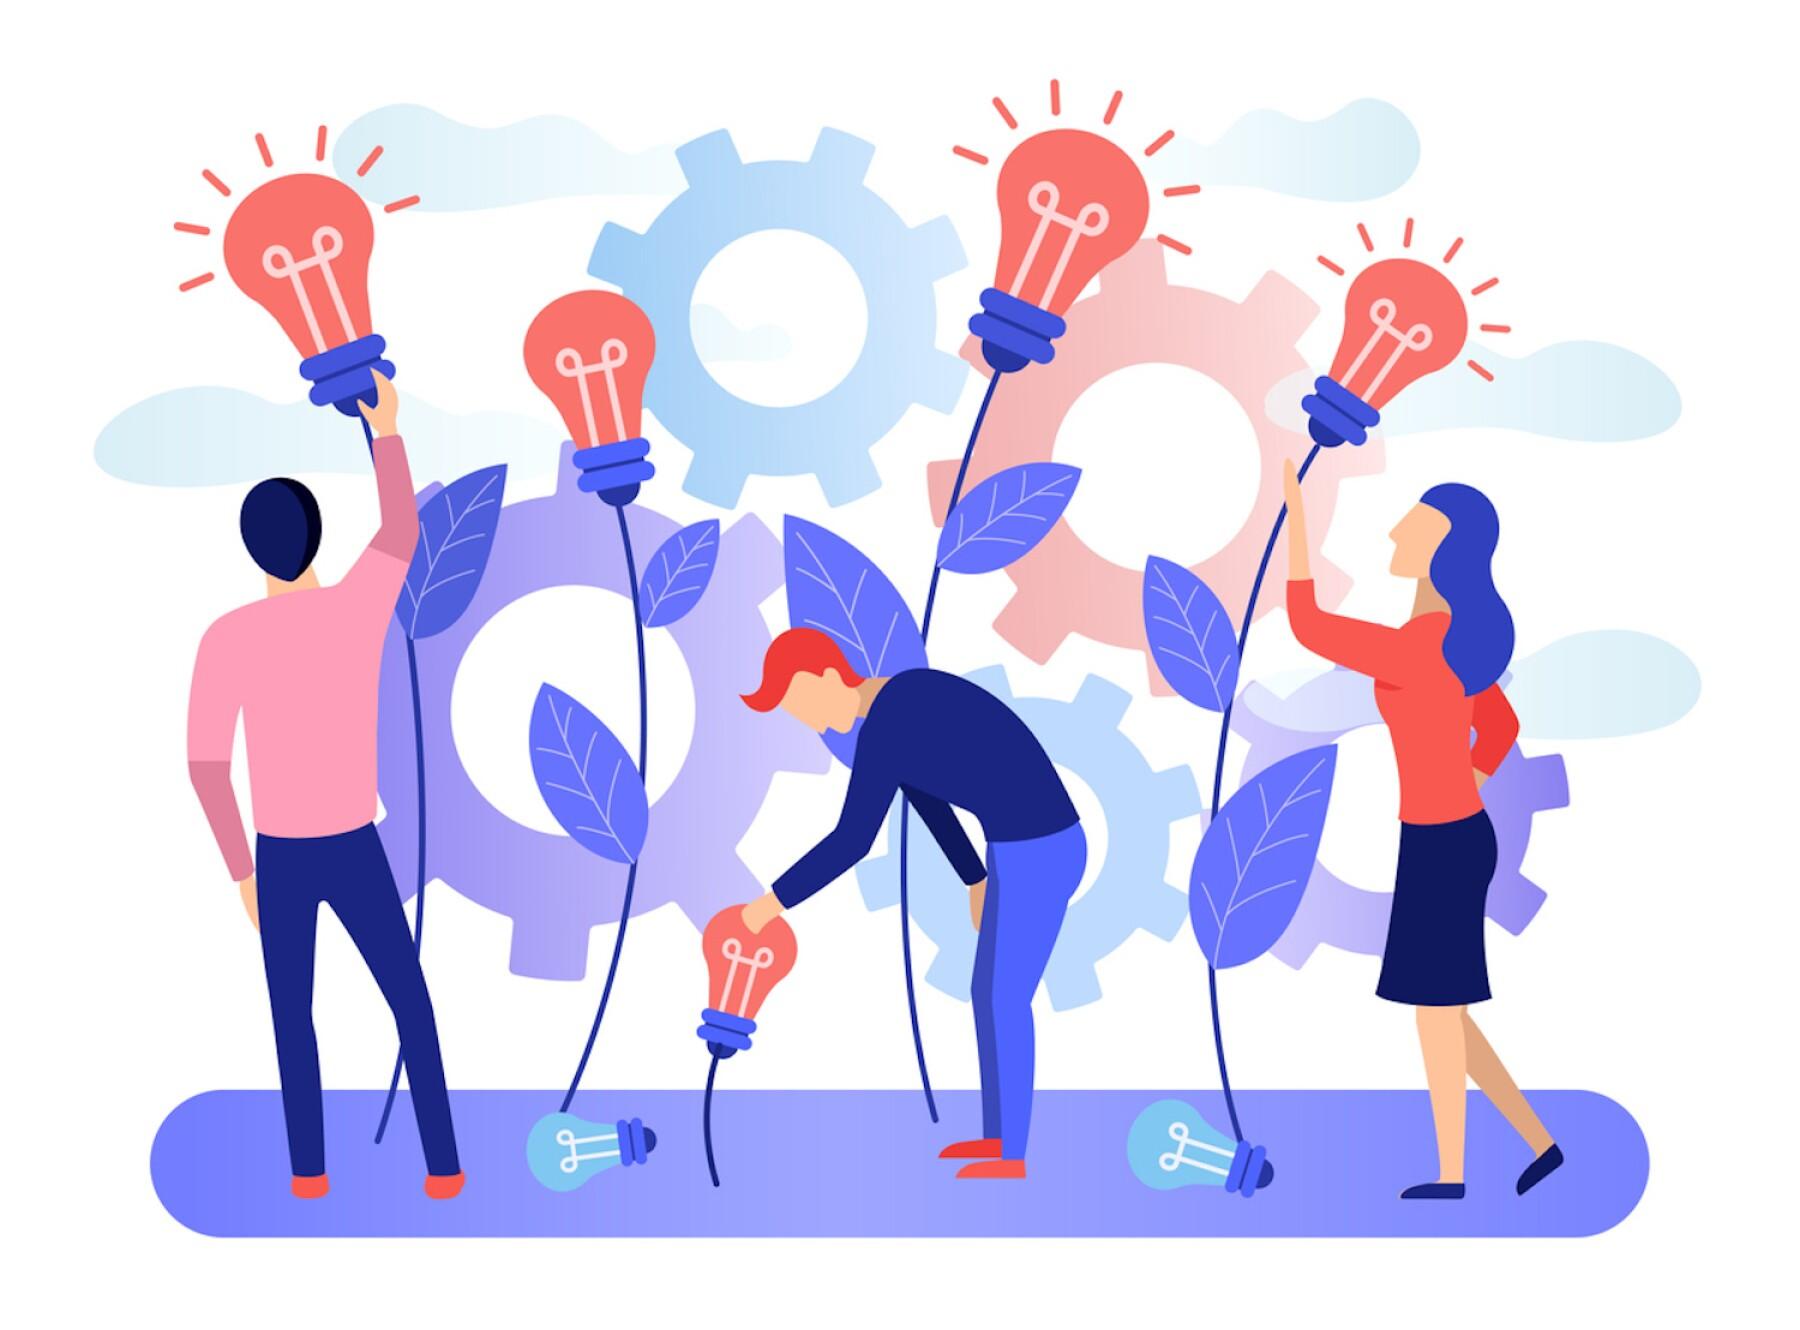 Ideas - el valor de las ideas - creatividad - empresas creativas